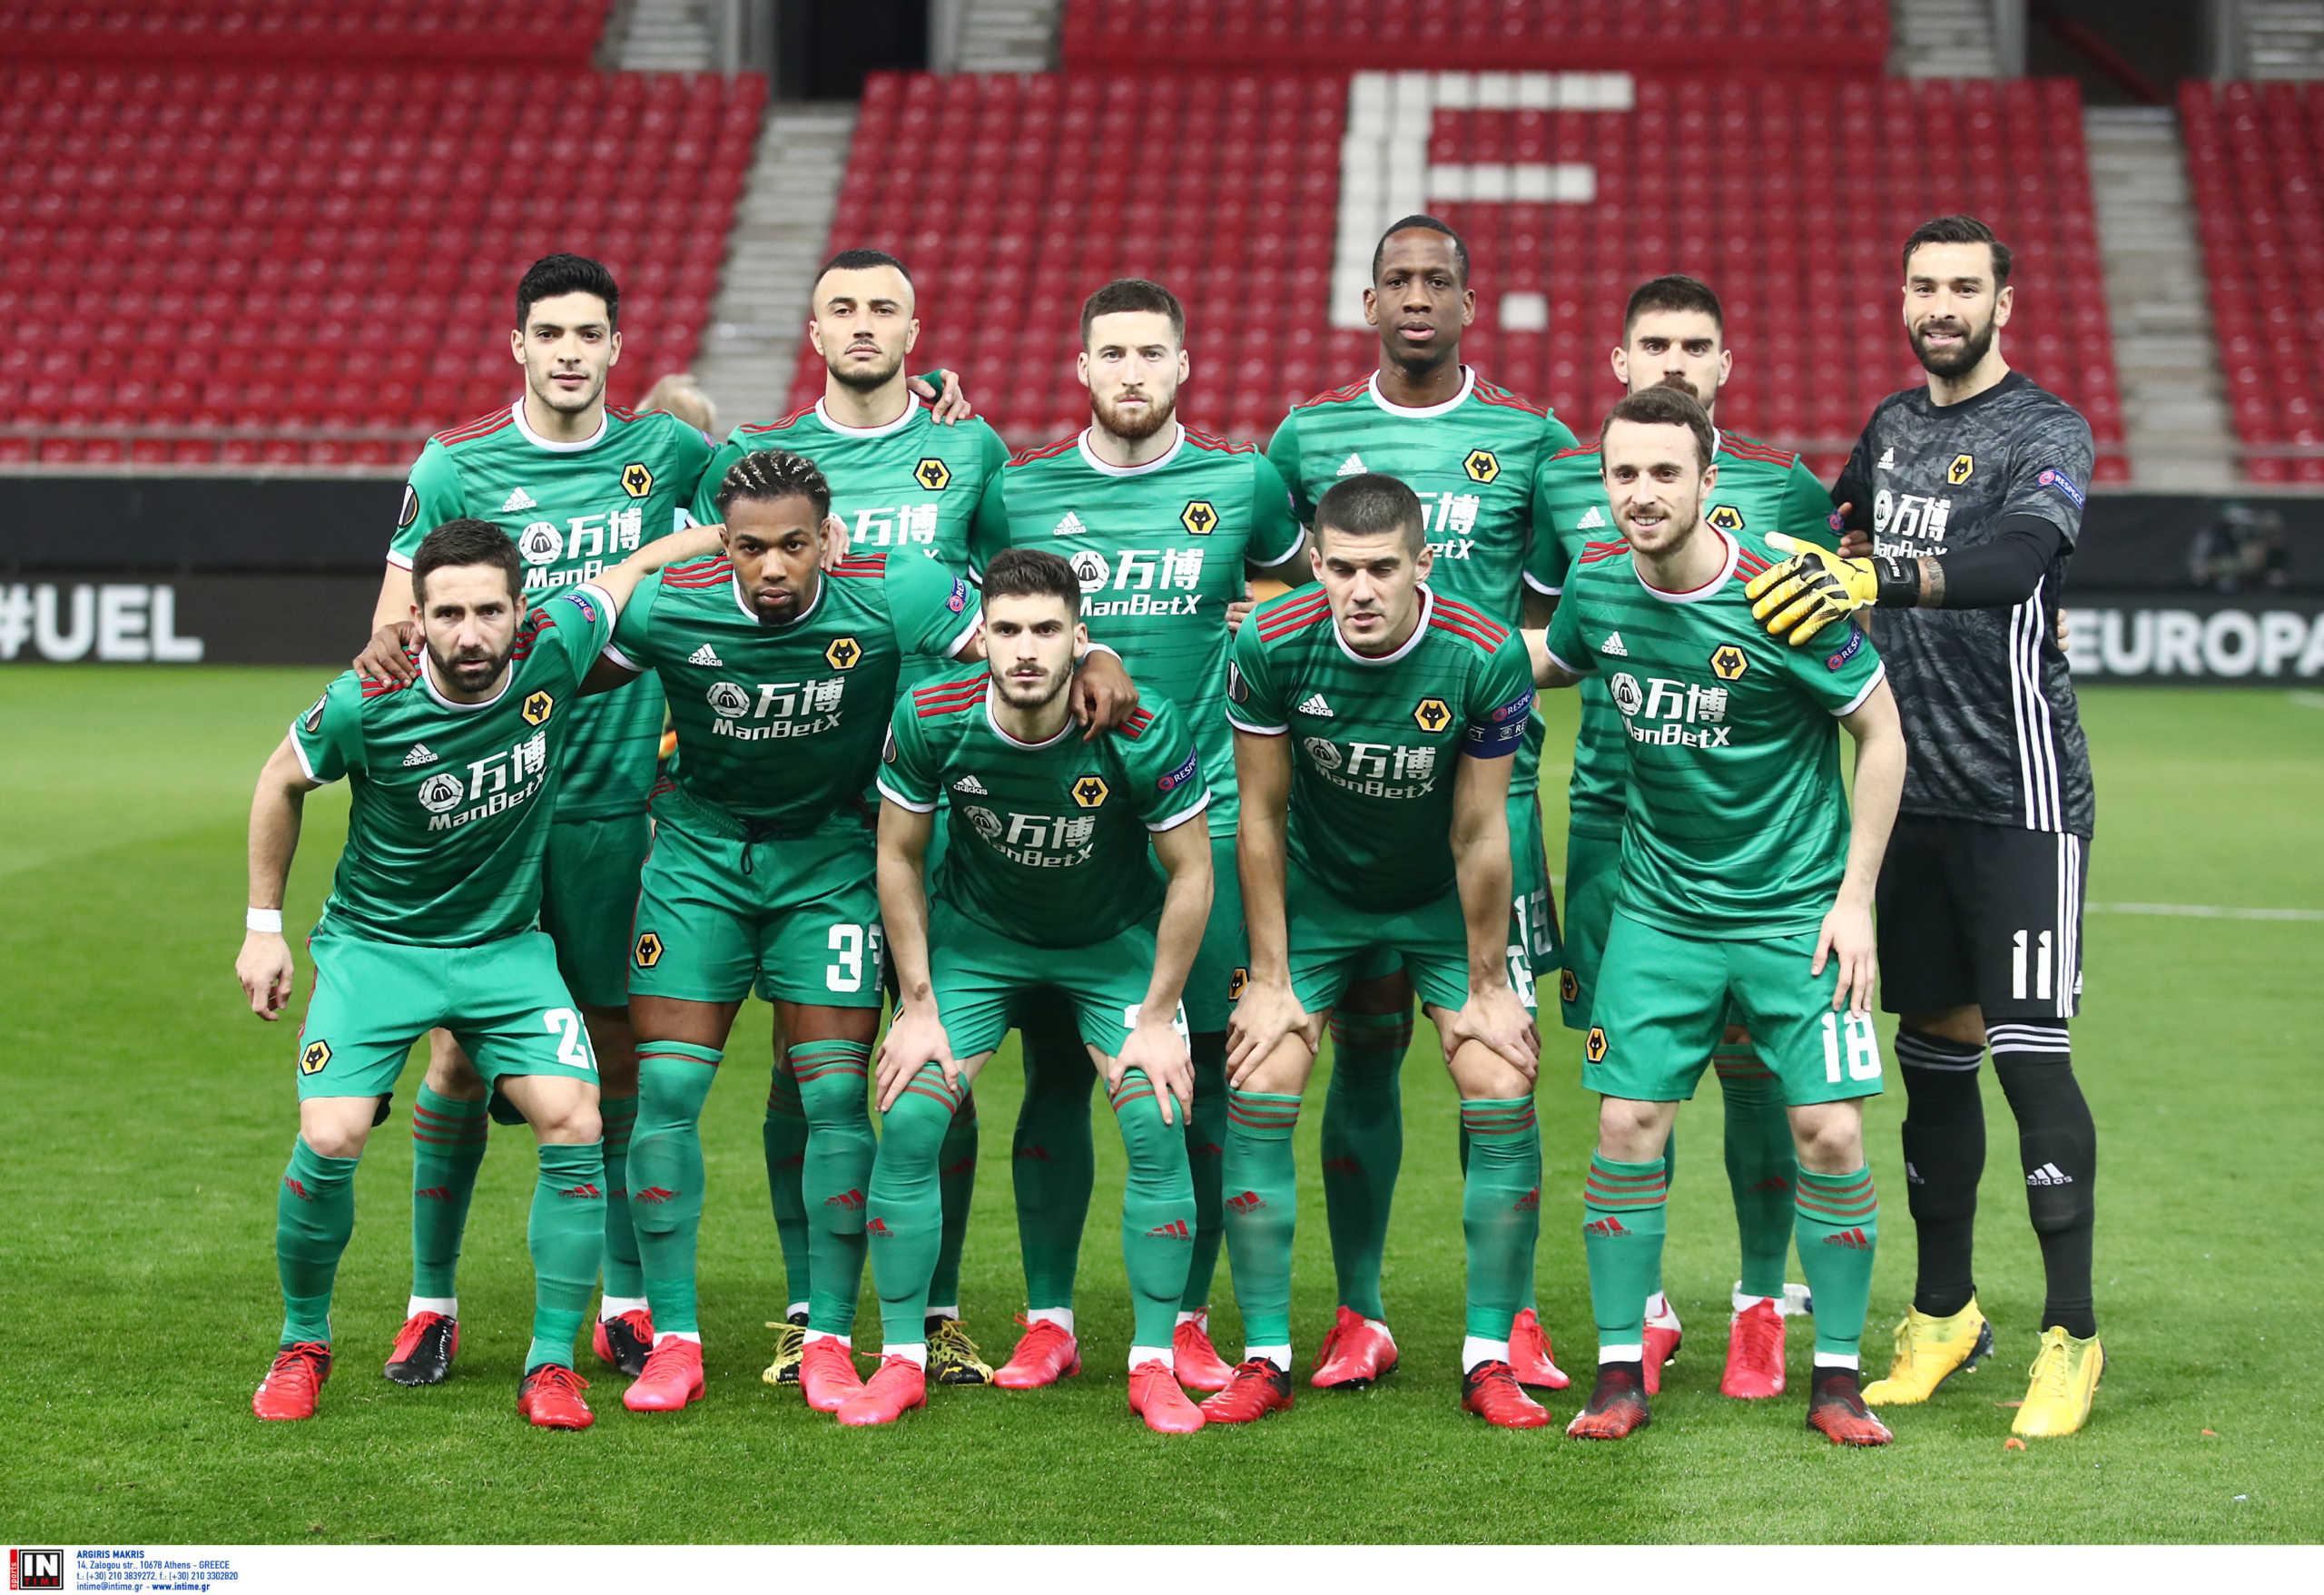 Φιλικό Γουλβς – Νότιγχαμ πριν την επανέναρξη της Premier League